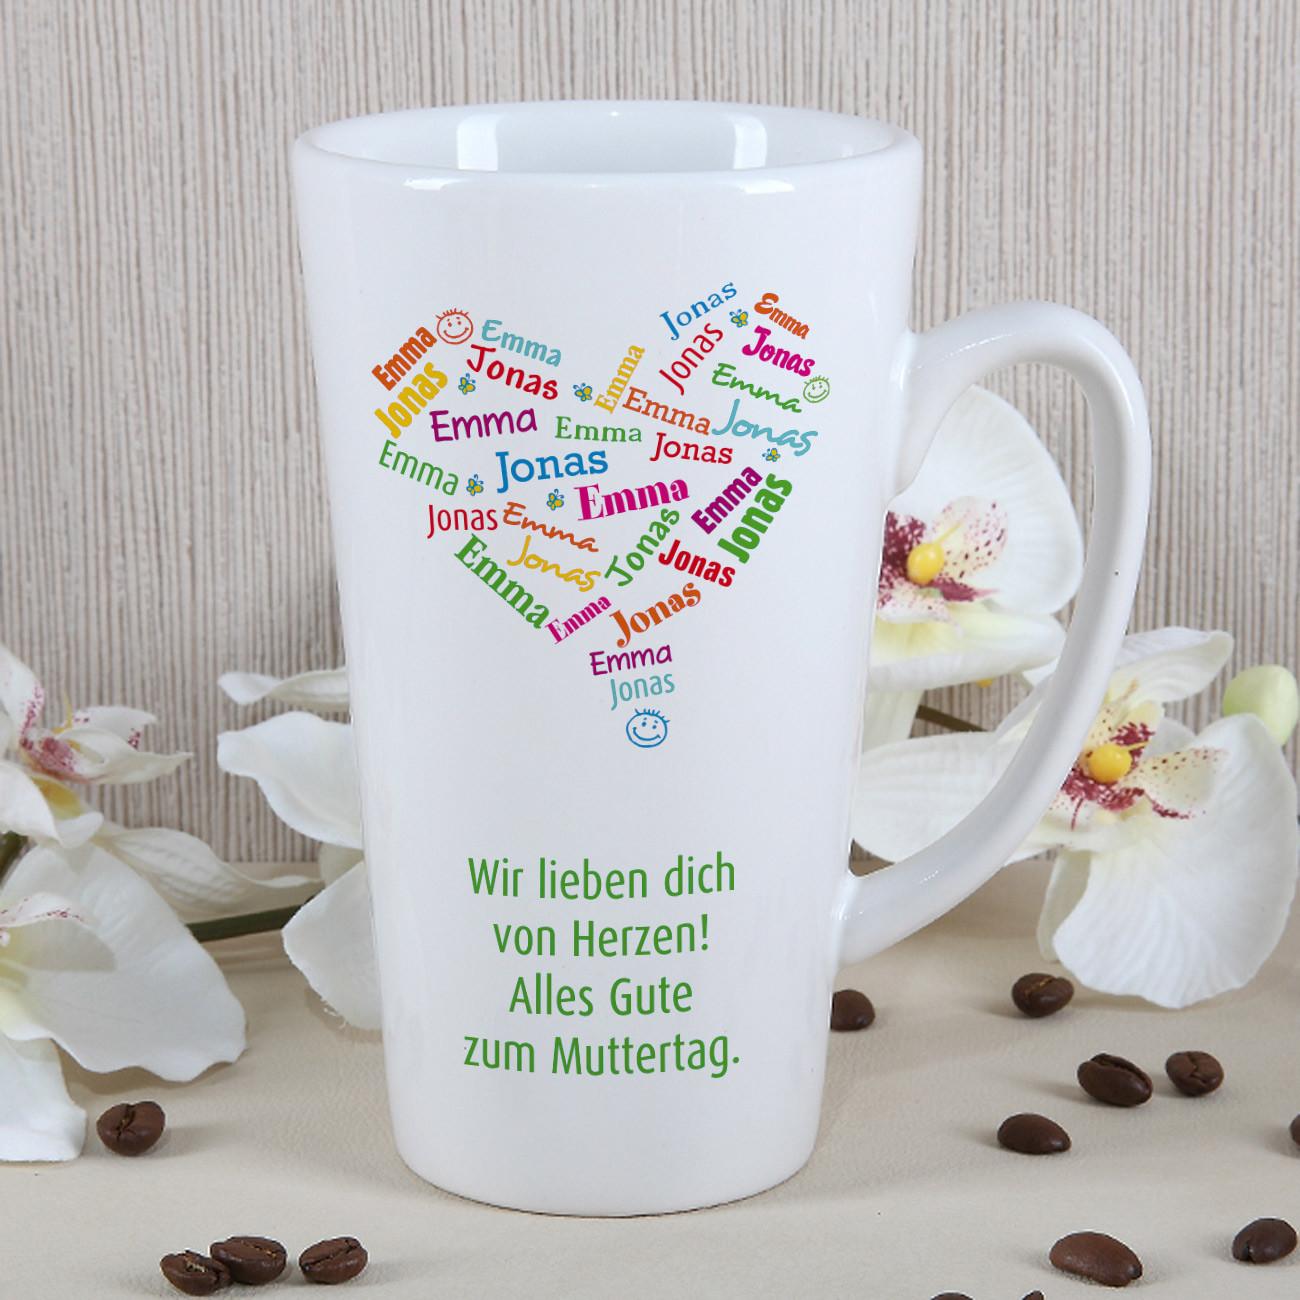 Geschenkideen Für Die Mutter  Geschenke für Mama besten Geschenkideen für Mutter